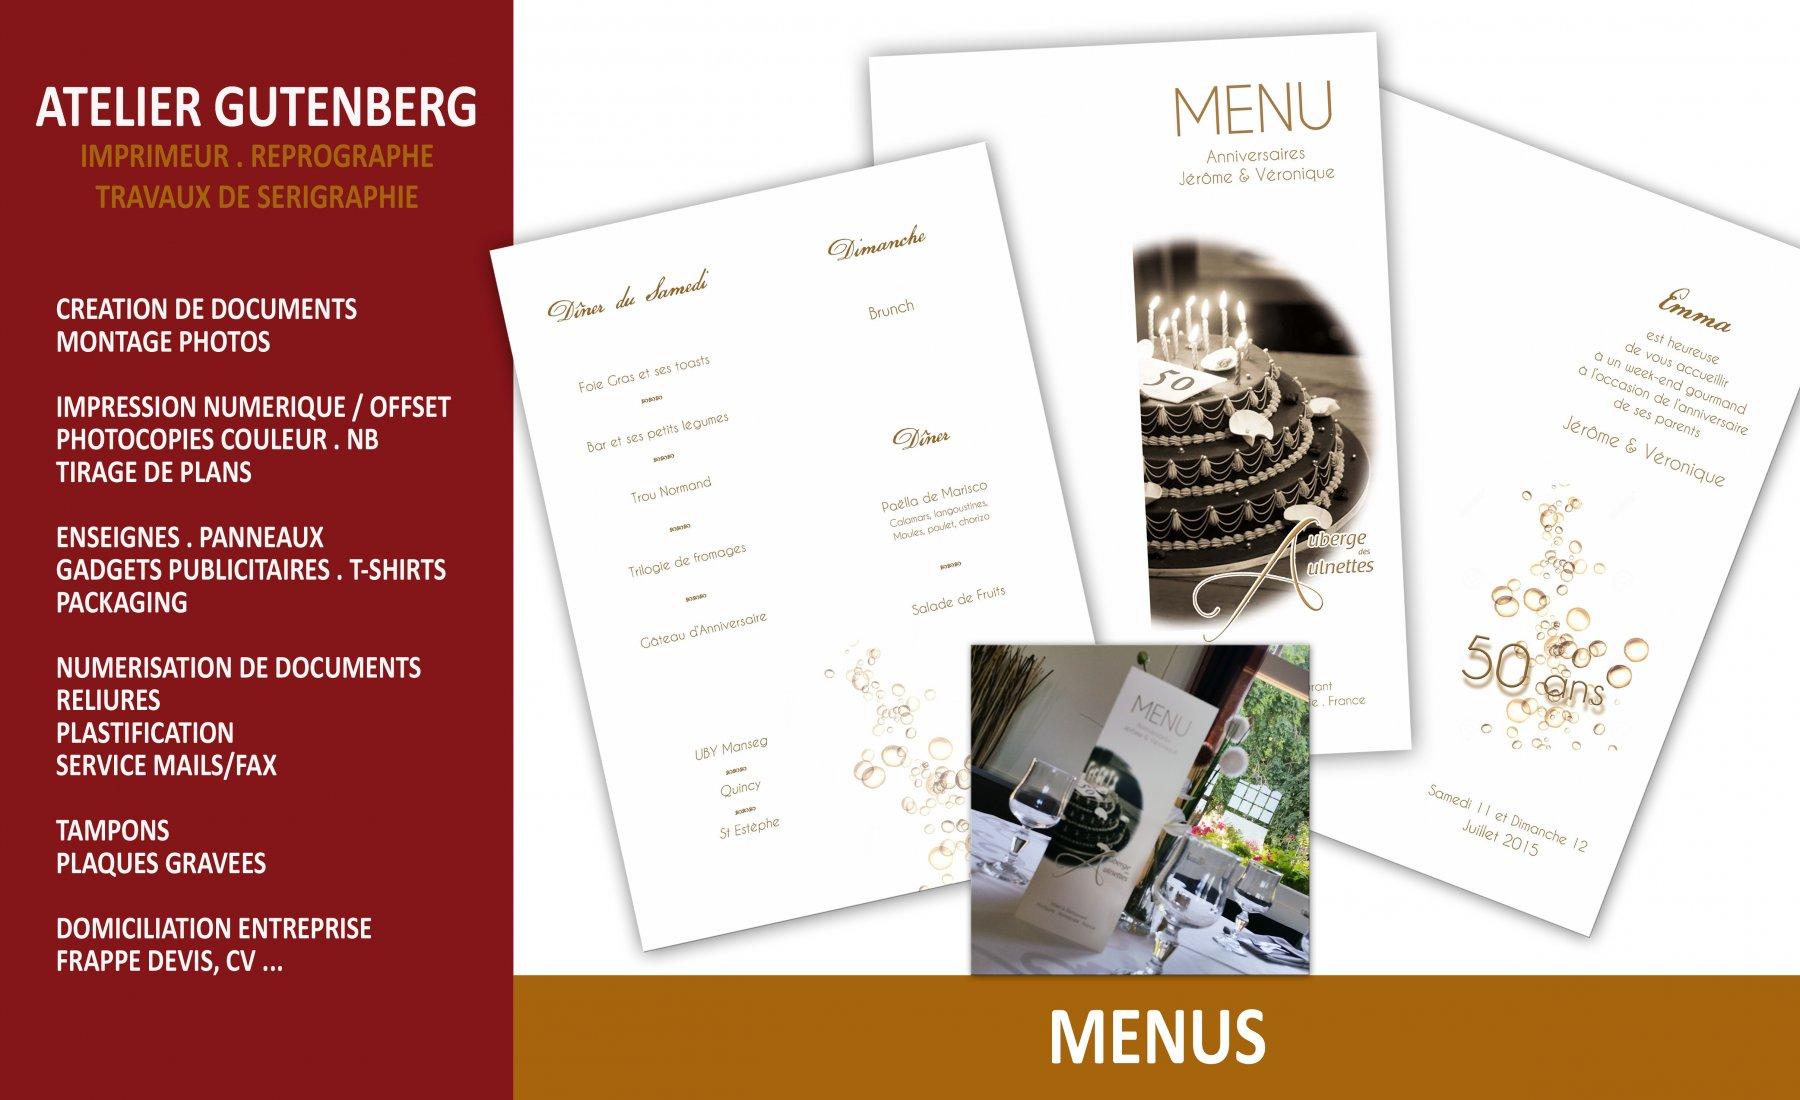 atelier gutenberg menu de mariage fait pour l'auberge des aulnettes